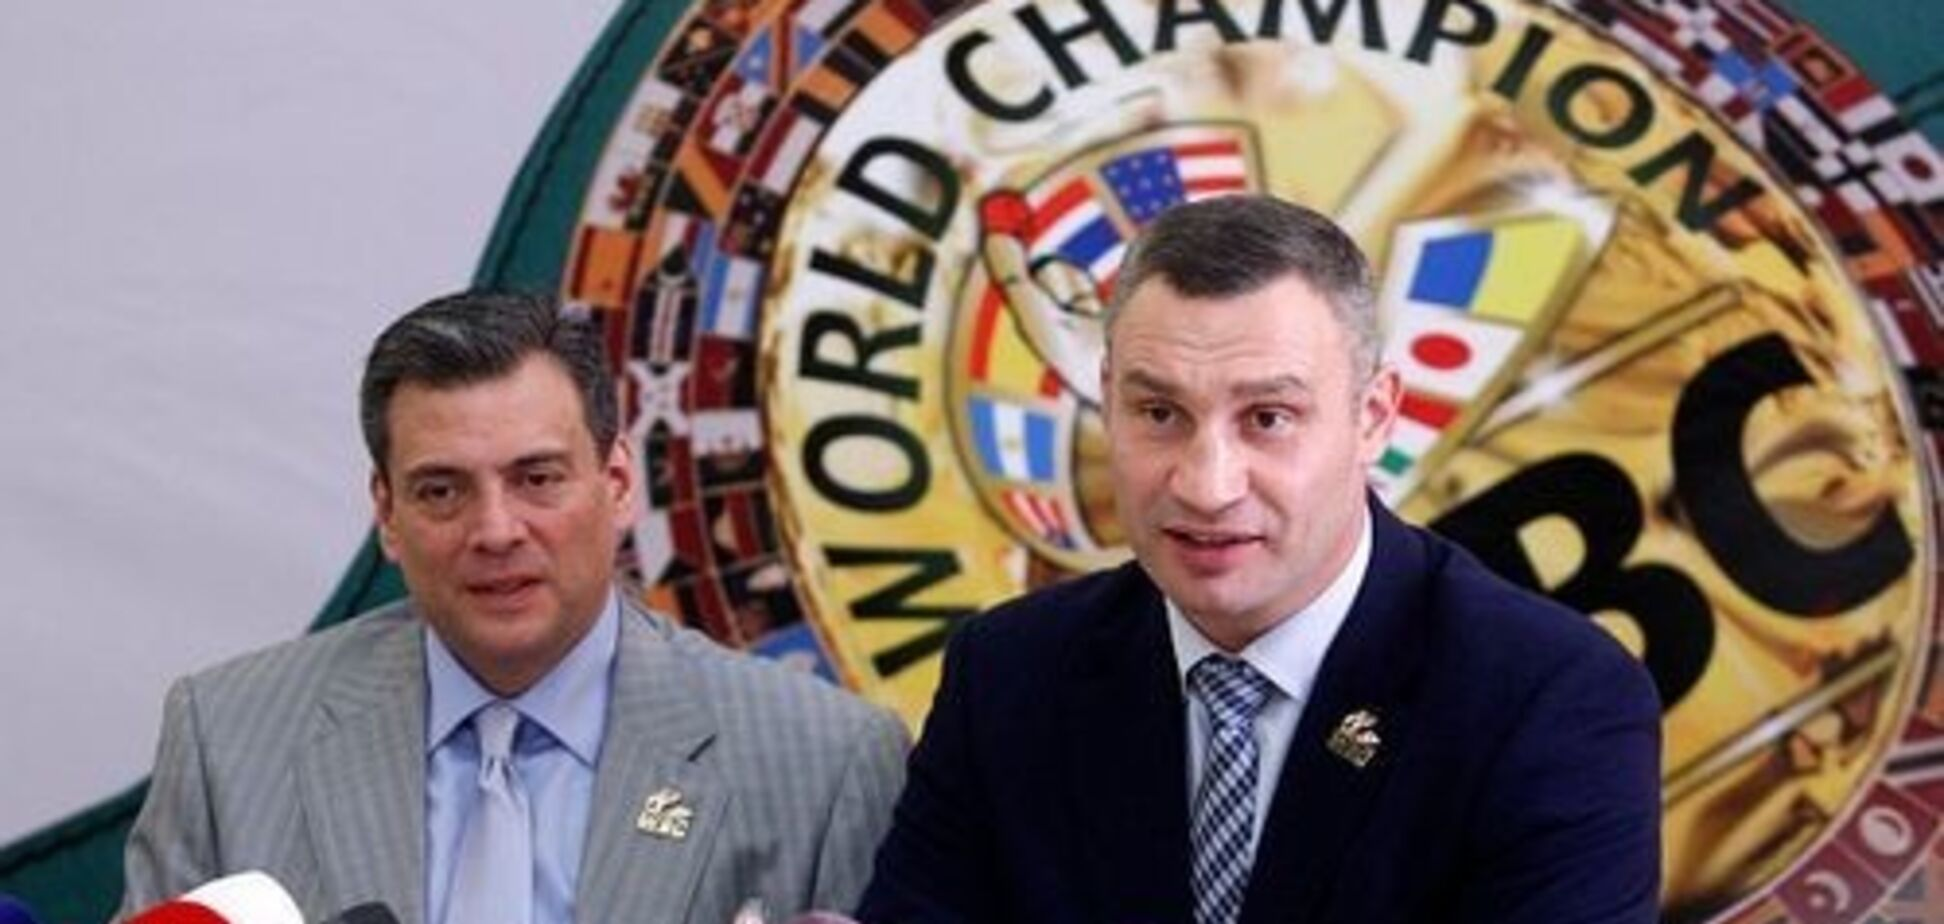 Из-за Украины: WBC изменил чемпионский пояс - фотофакт